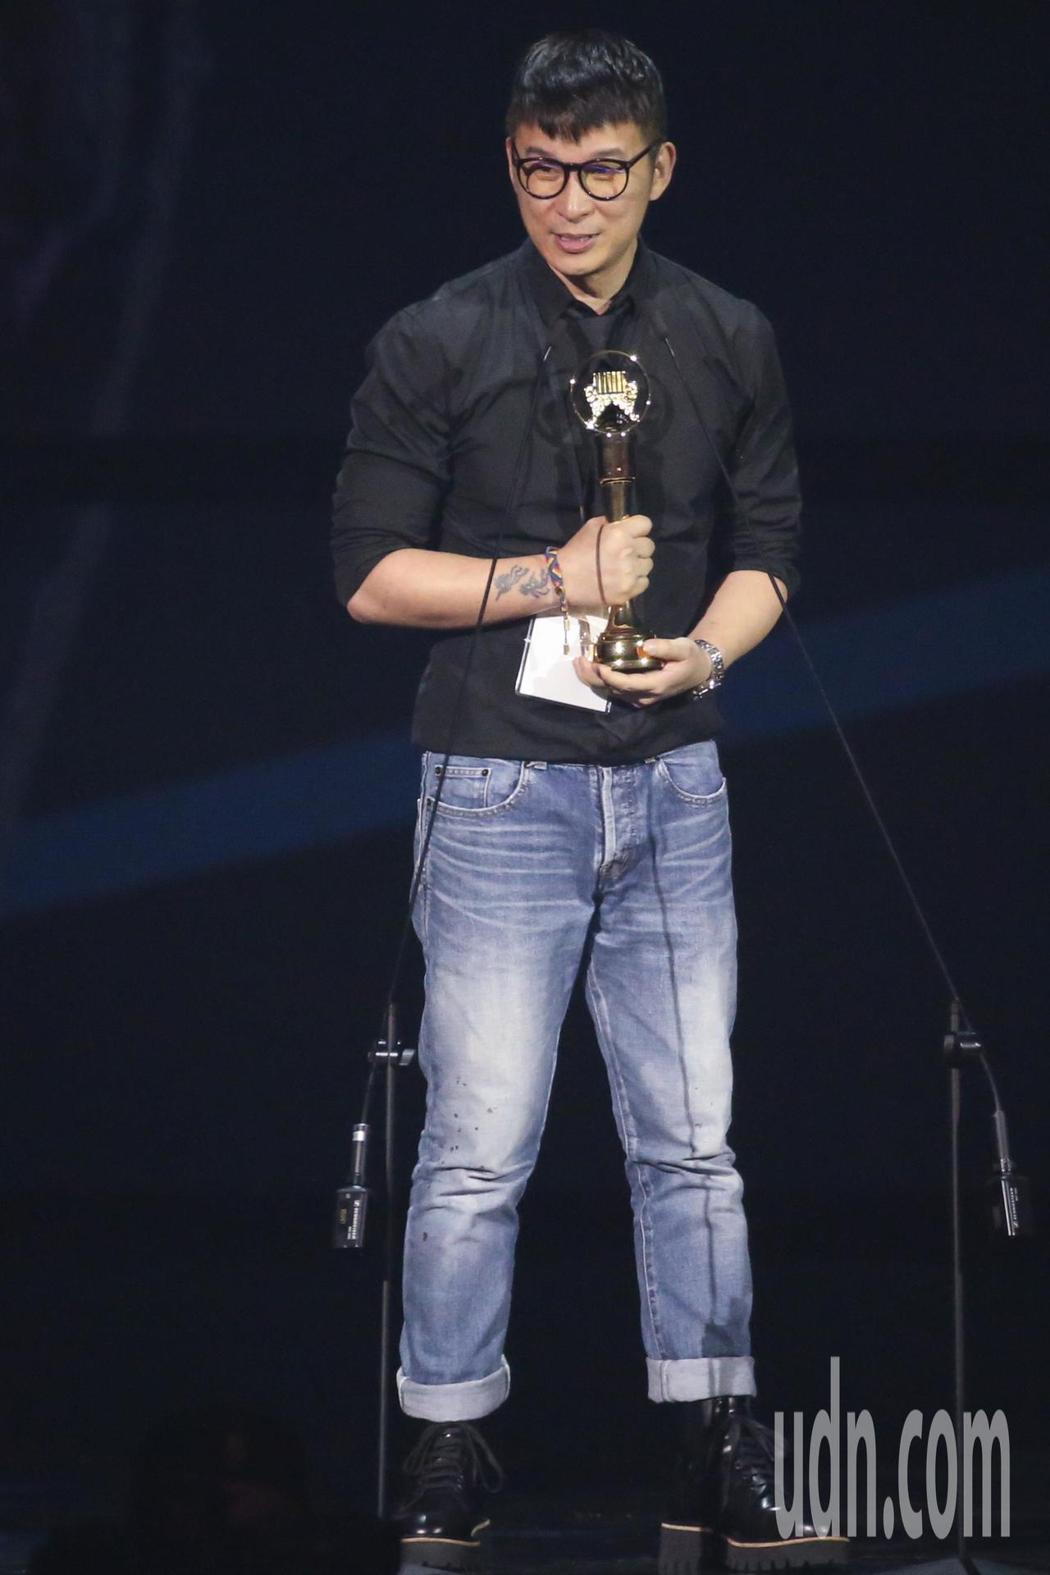 陳鎮川今年金曲上台為林憶蓮代領歌后獎項。本報資料照